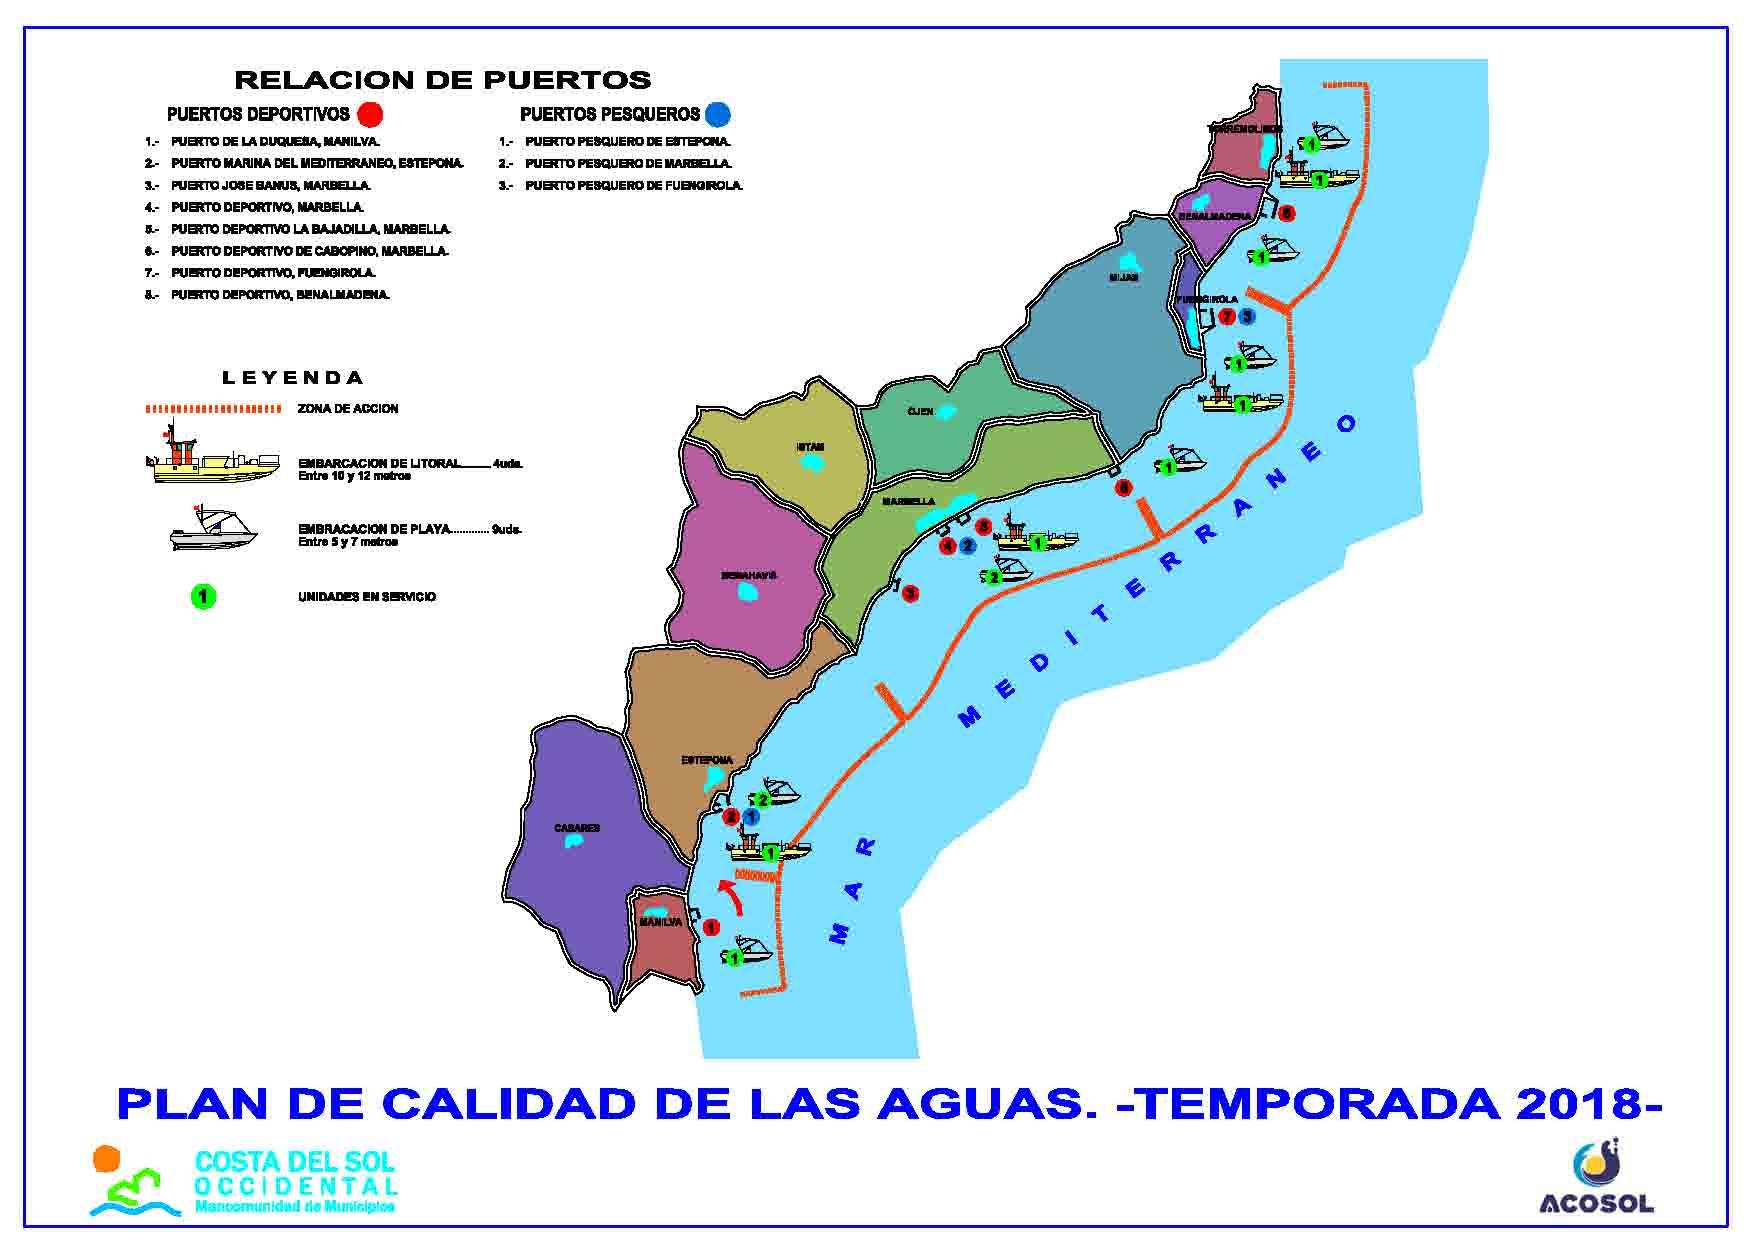 Acosol refuerza el servicio de embarcaciones para el control de calidad de las aguas en el litoral